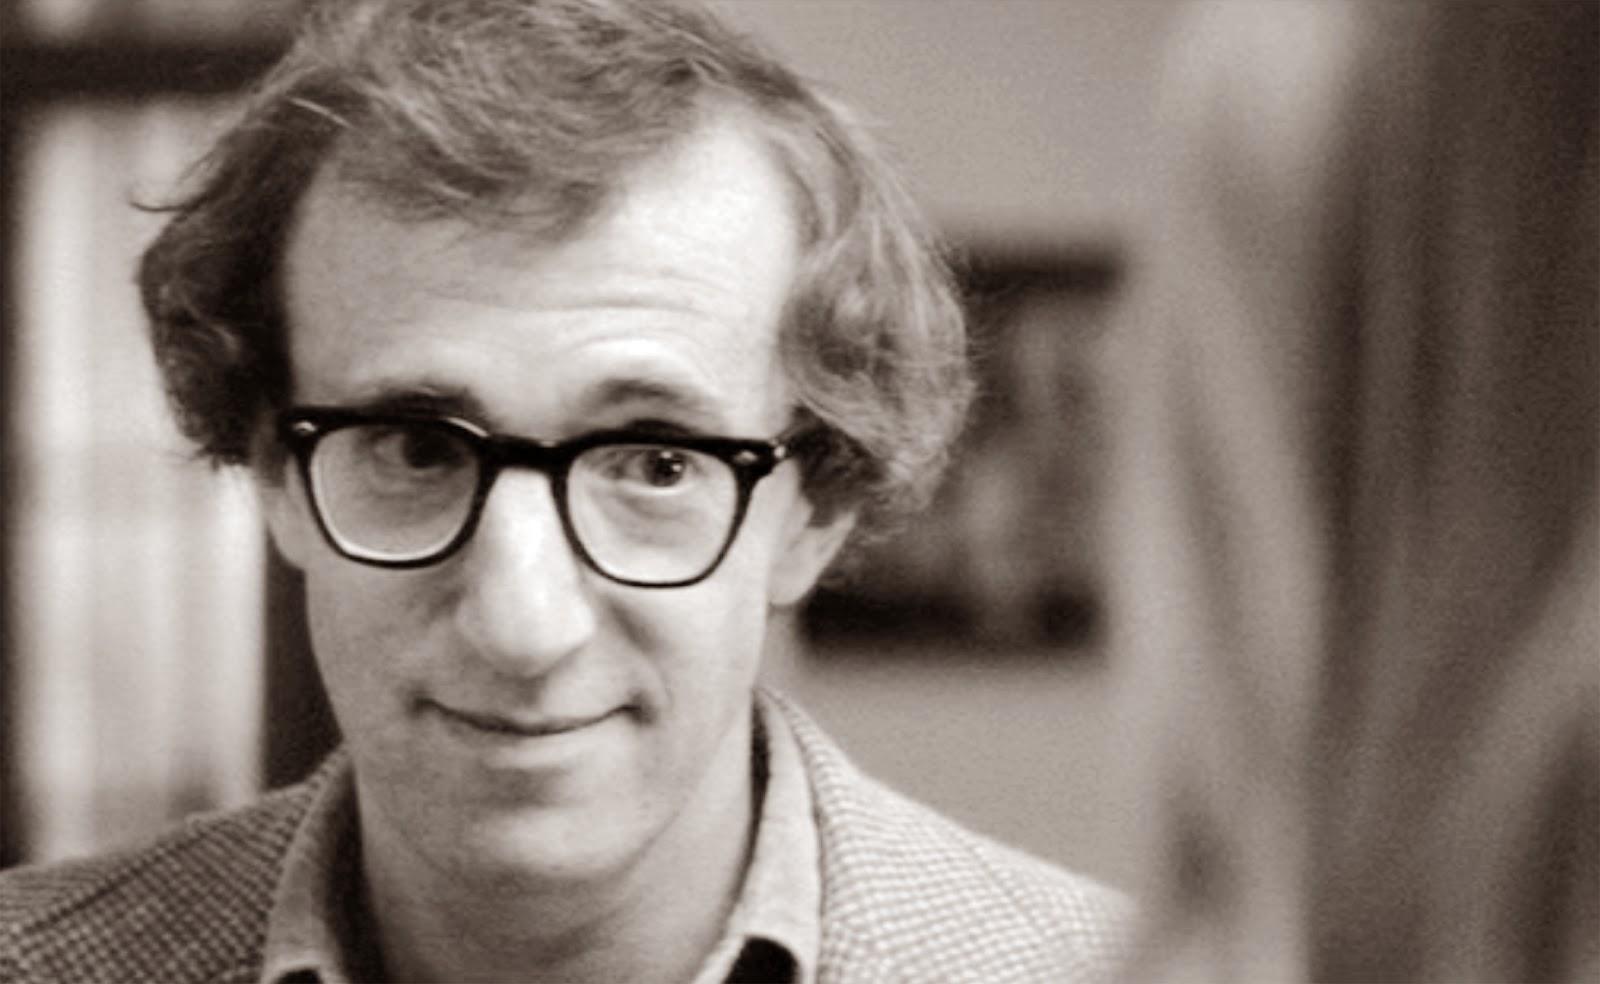 Uma História Típica De Woody Allen: Escritor Frustrado Perde A Mulher. No  Caso, Ele Perde A Sua Para Outra Mulher E Acaba Se Apaixonando Por Uma  Menina De ... Part 63